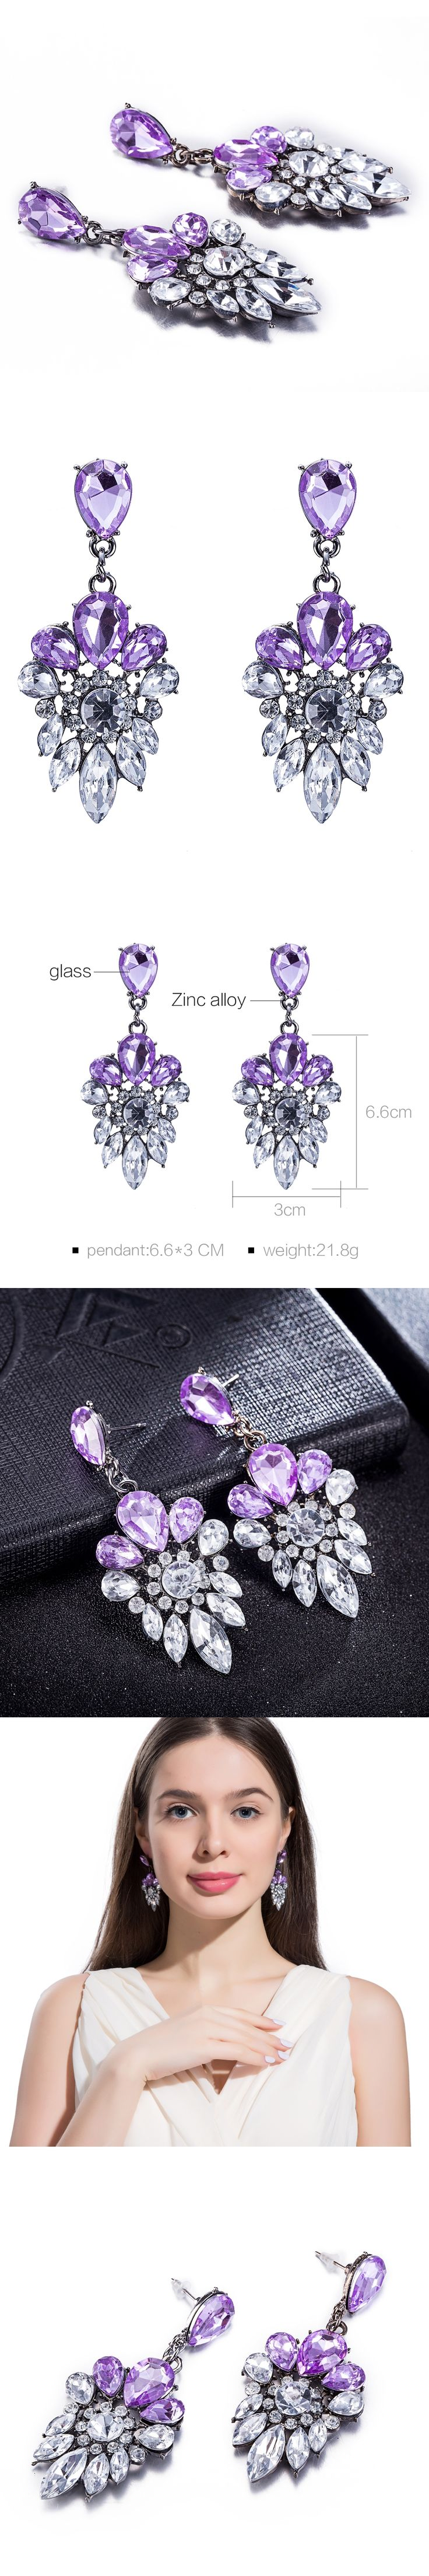 Fashion Bohemian Long Crystal Drop Earrings Fashion Statement Earrings Big Hanging Luxury Vintage Earrings For Women FSE043-A